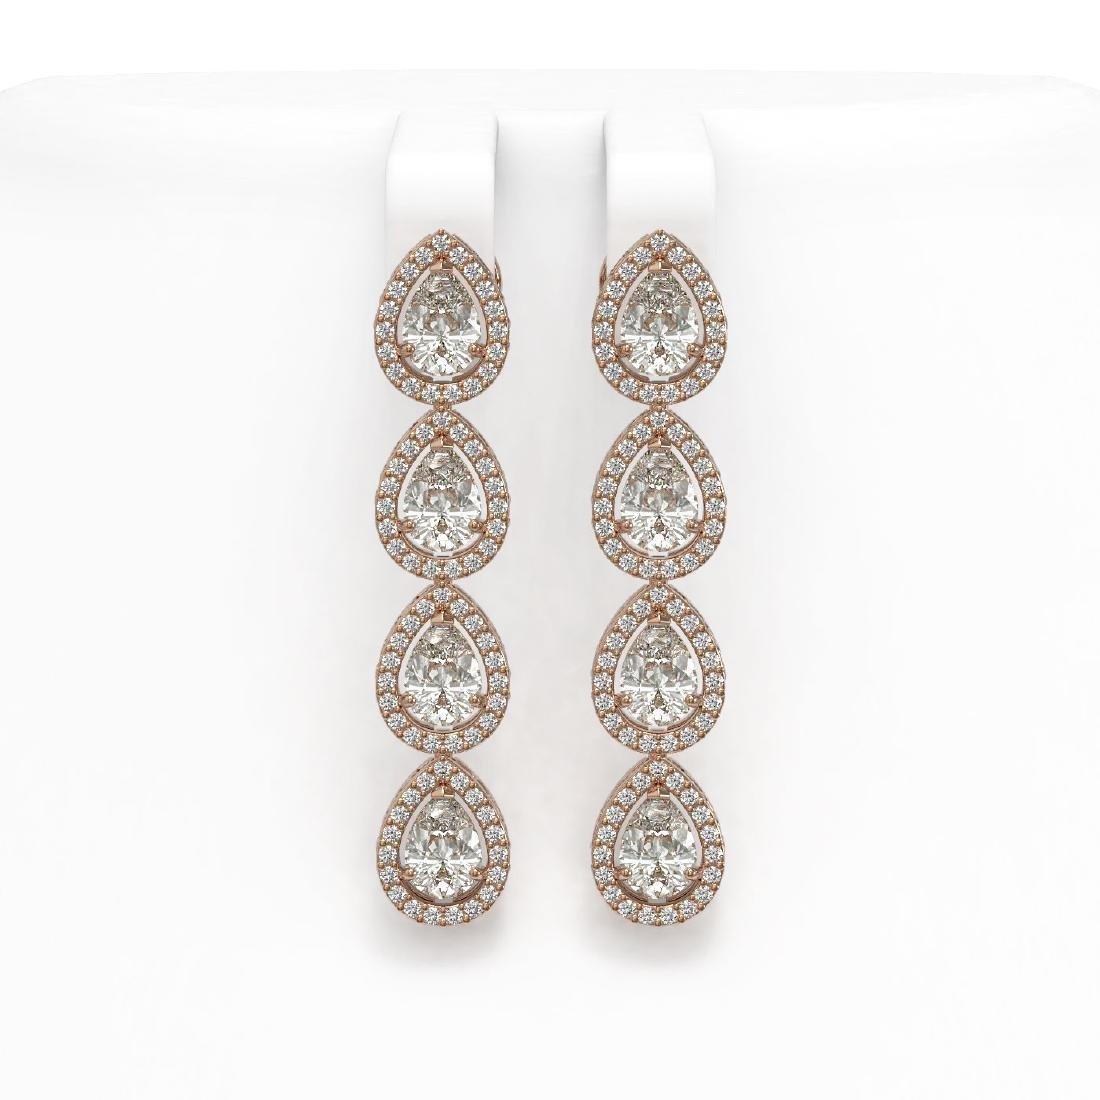 6.01 CTW Pear Diamond Designer Earrings 18K Rose Gold